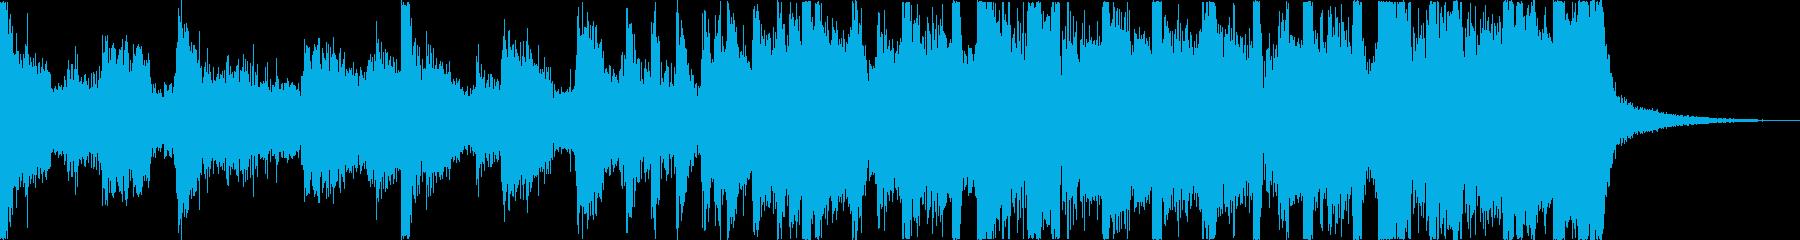 おしゃれレトロディスコシティポップeの再生済みの波形